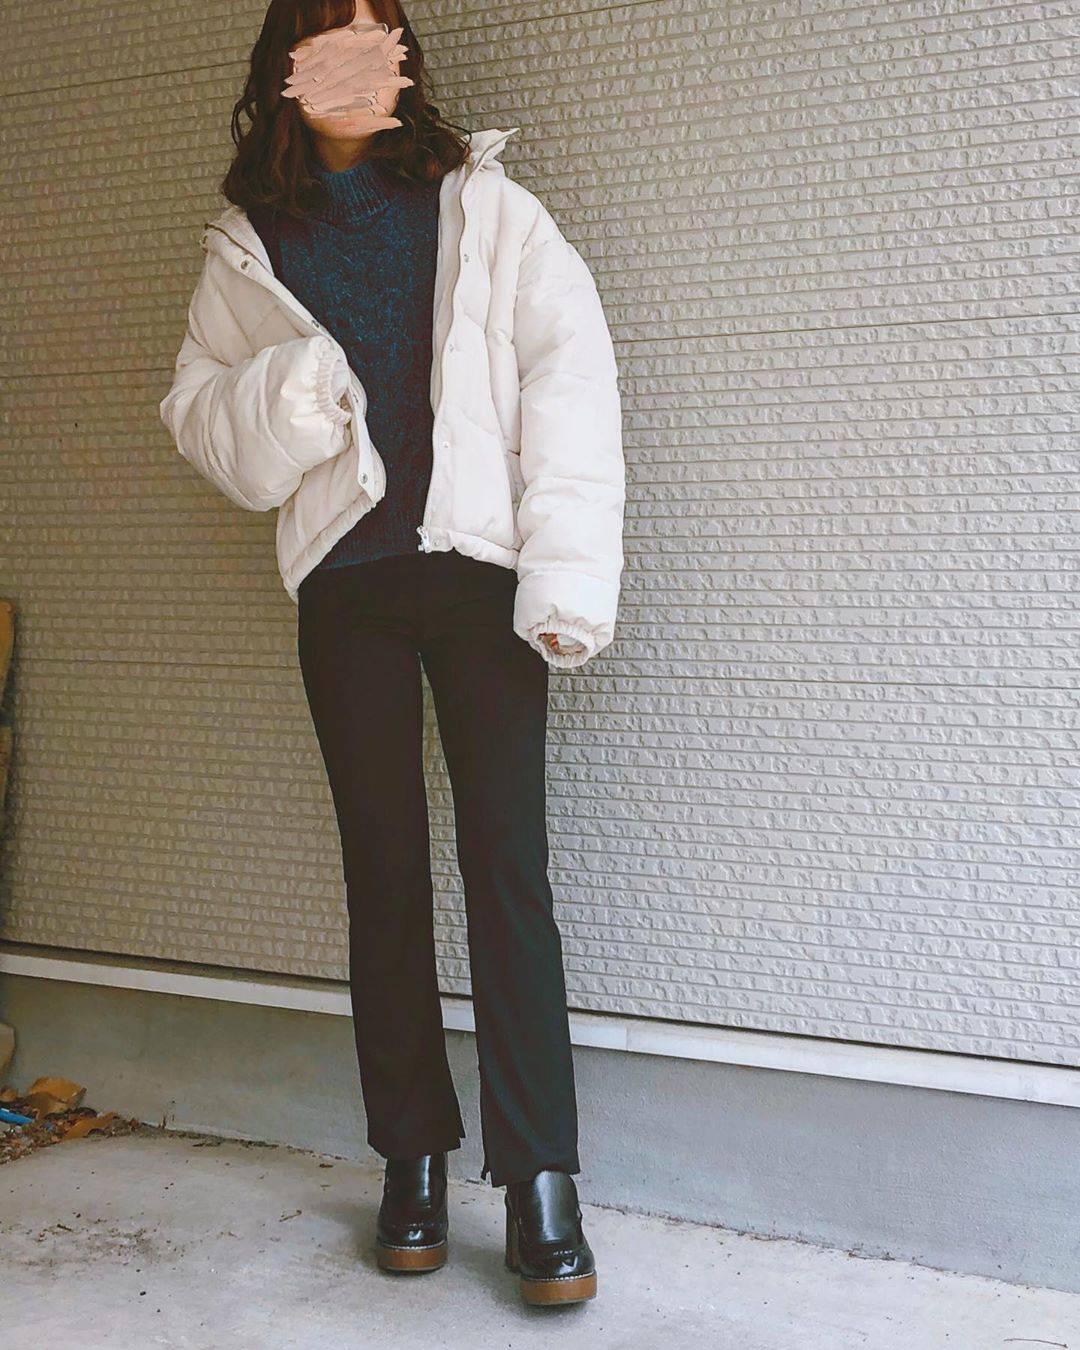 最高気温12度・最低気温3度 flower_22227の服装